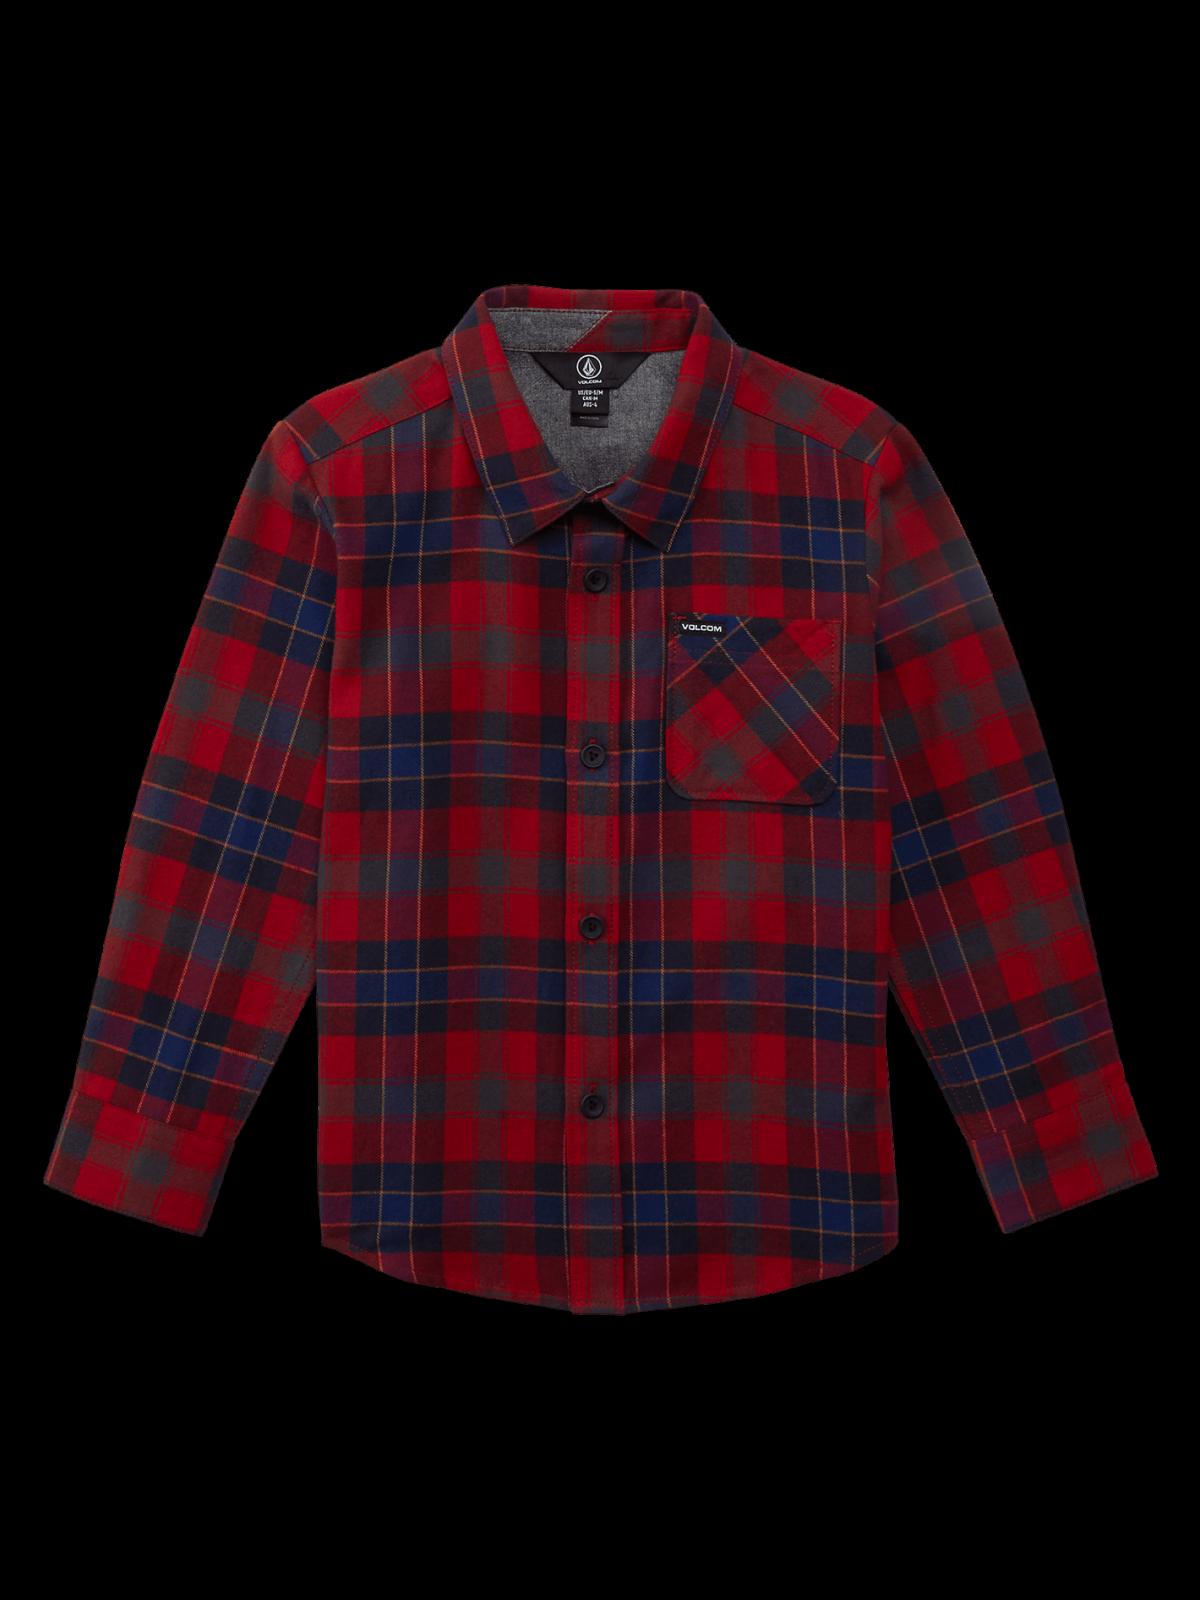 Volcom Boys (2-7) Caden Plaid Shirt Engine Red